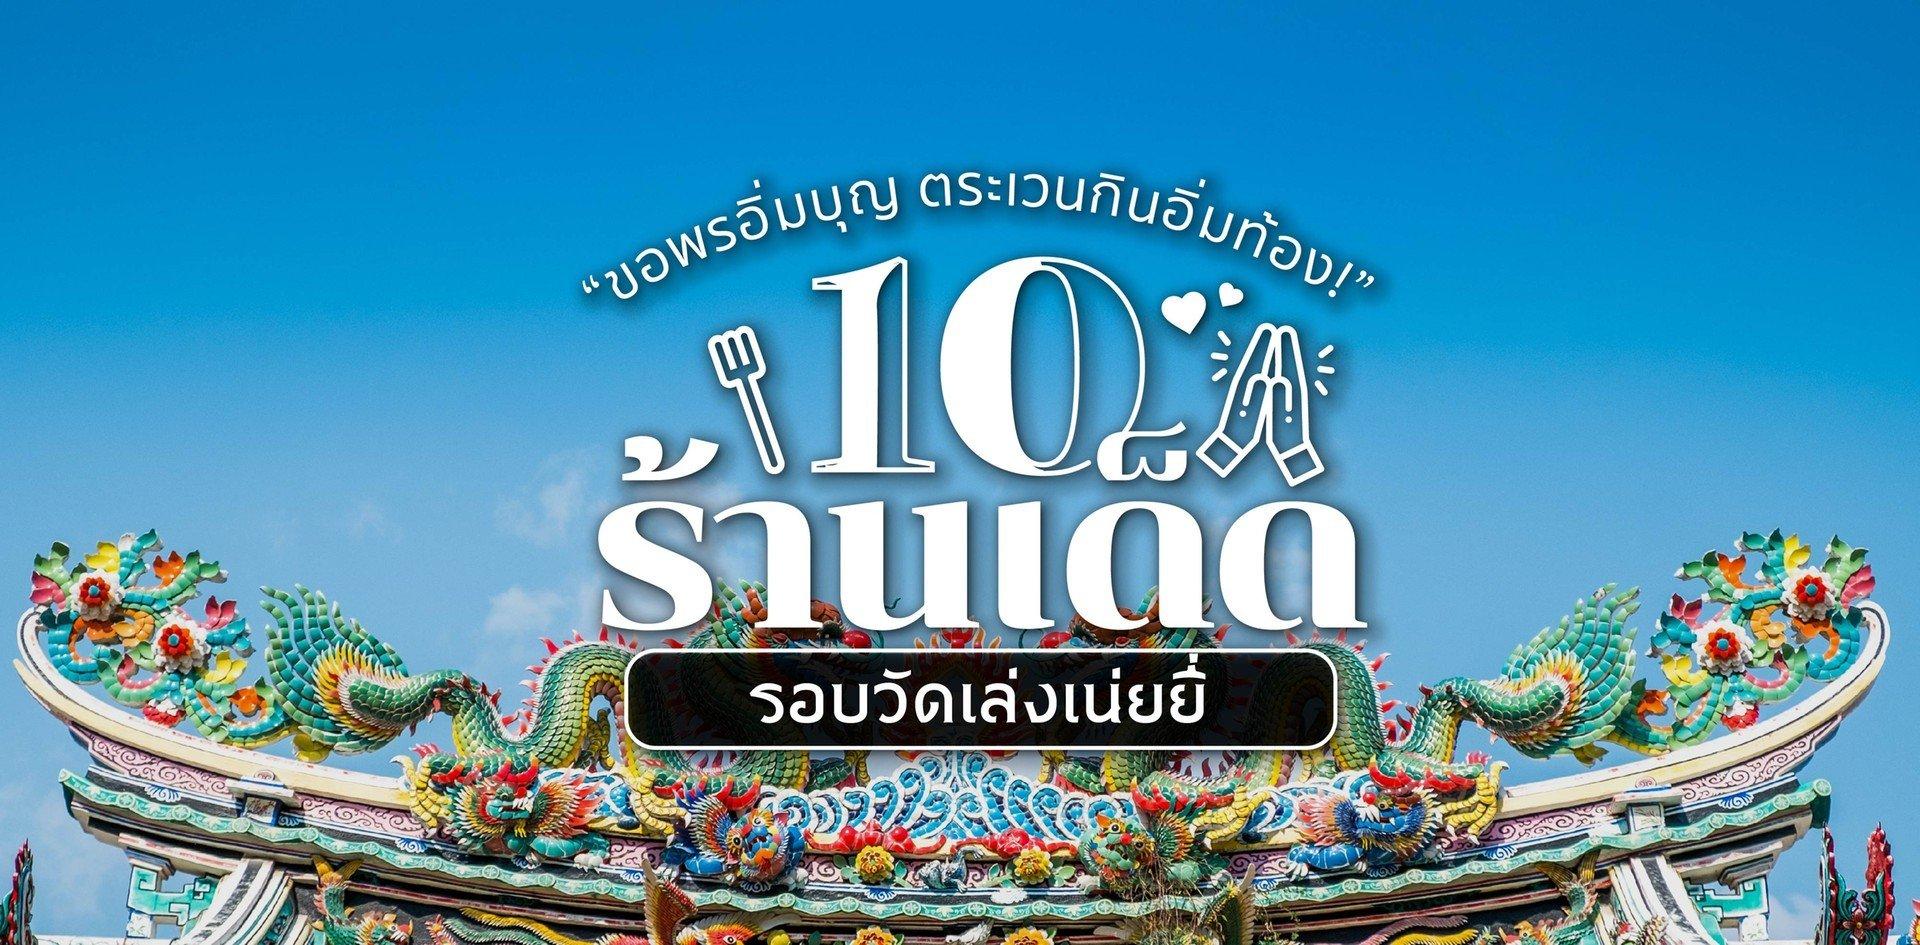 10 ร้านเด็ดรอบวัดเล่งเนยยี่ ขอพรอิ่มบุญ ตระเวนกินอิ่มท้อง - Wongnai